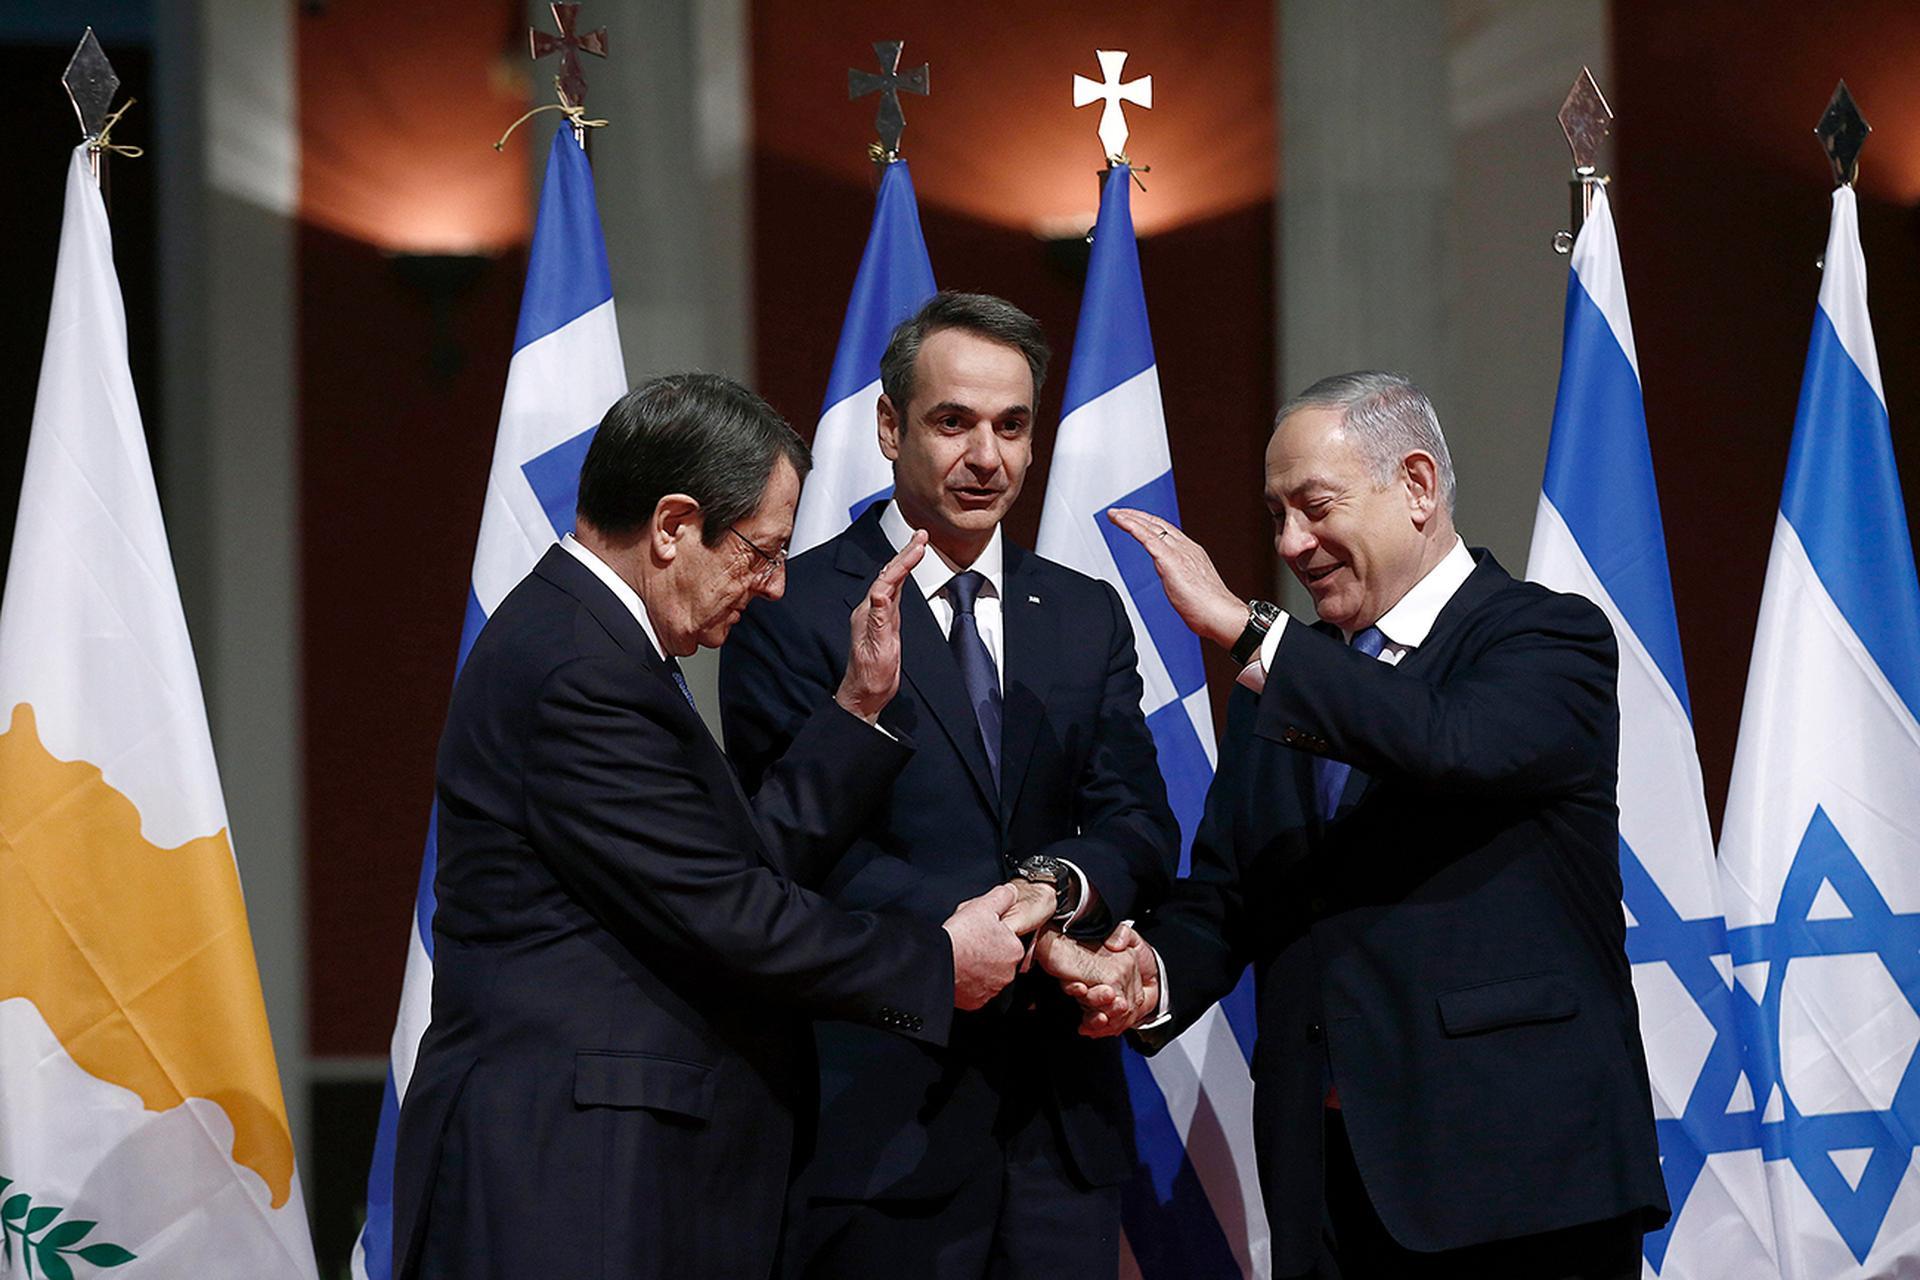 Netanyahu junto al presidente chipriota, Nicos Anastasiades, y el primer ministro griego, Kyriakos Mitsotakis, durante la firma del acuerdo para la construcción del gasoducto